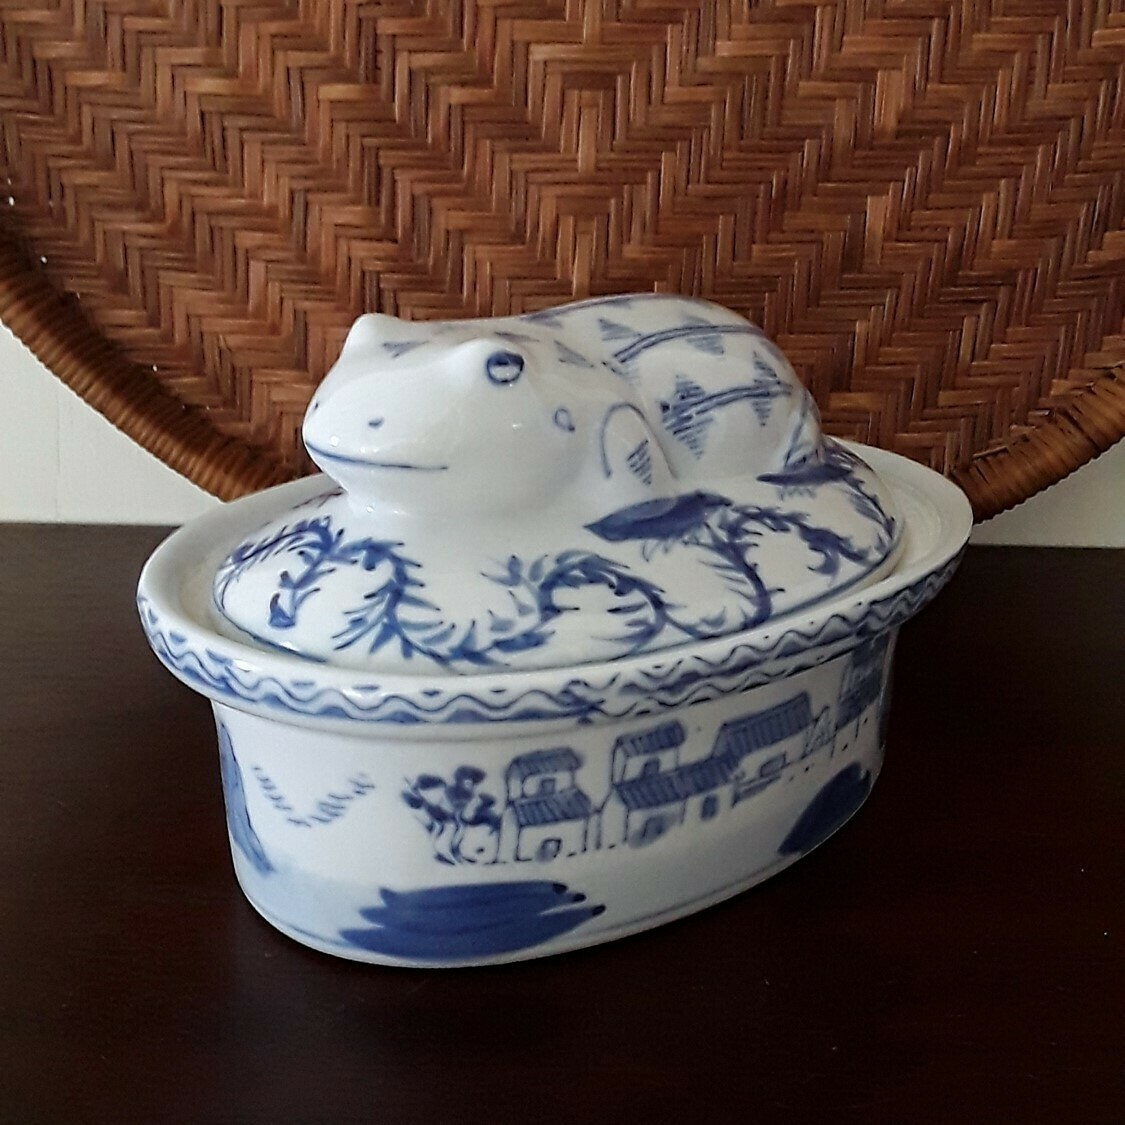 Vintage Blue and White Porcelain Frog Lidded Dish